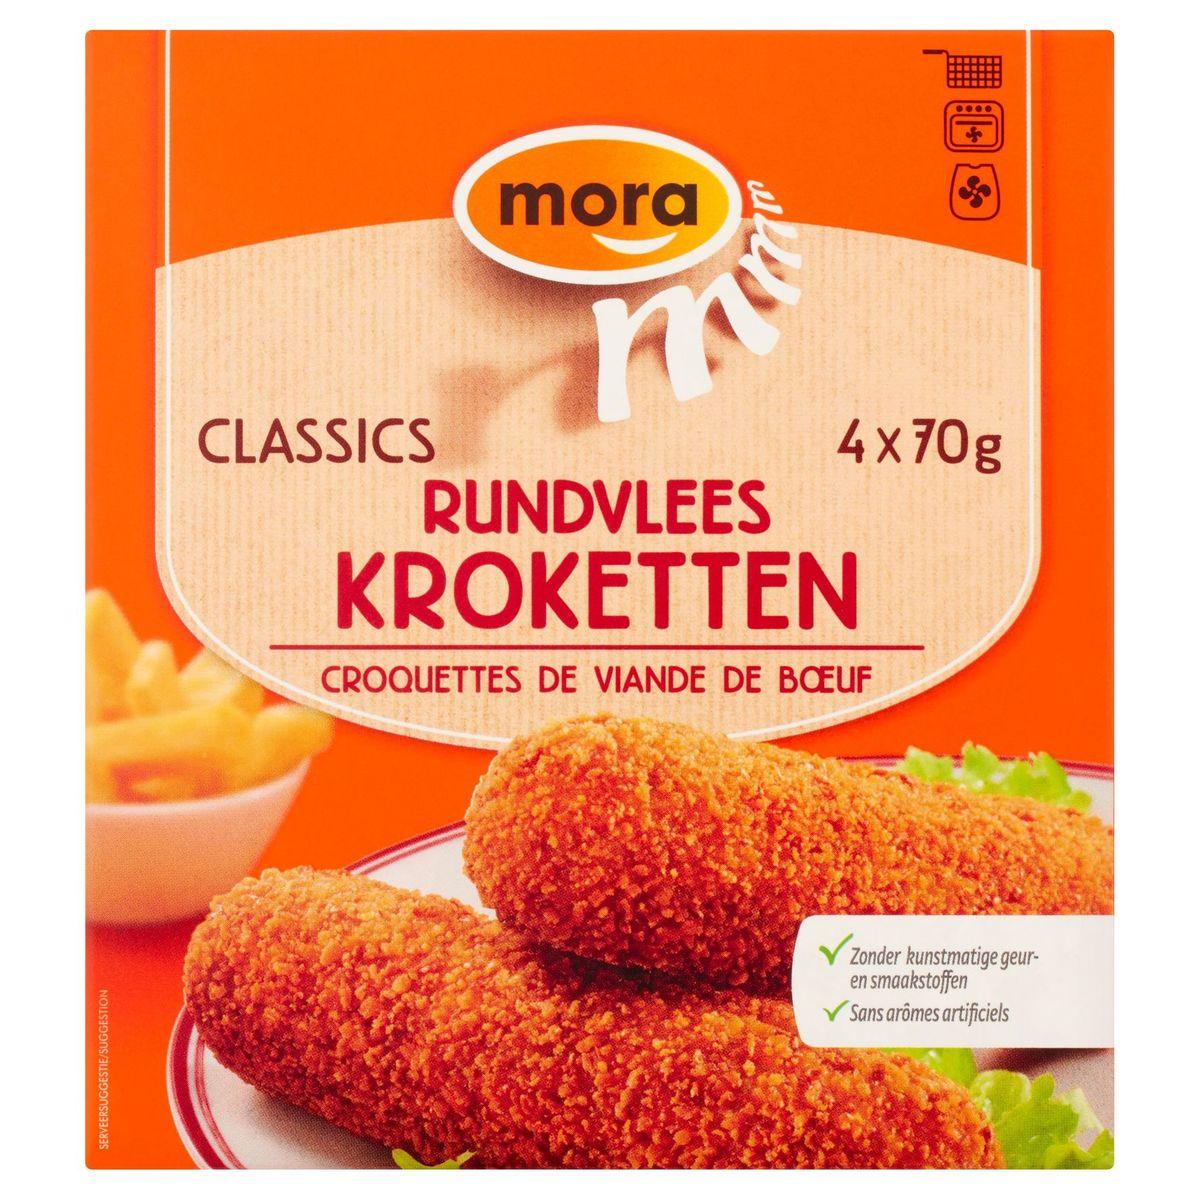 Mora Classics Rundvlees Kroketten 4 x 70 g